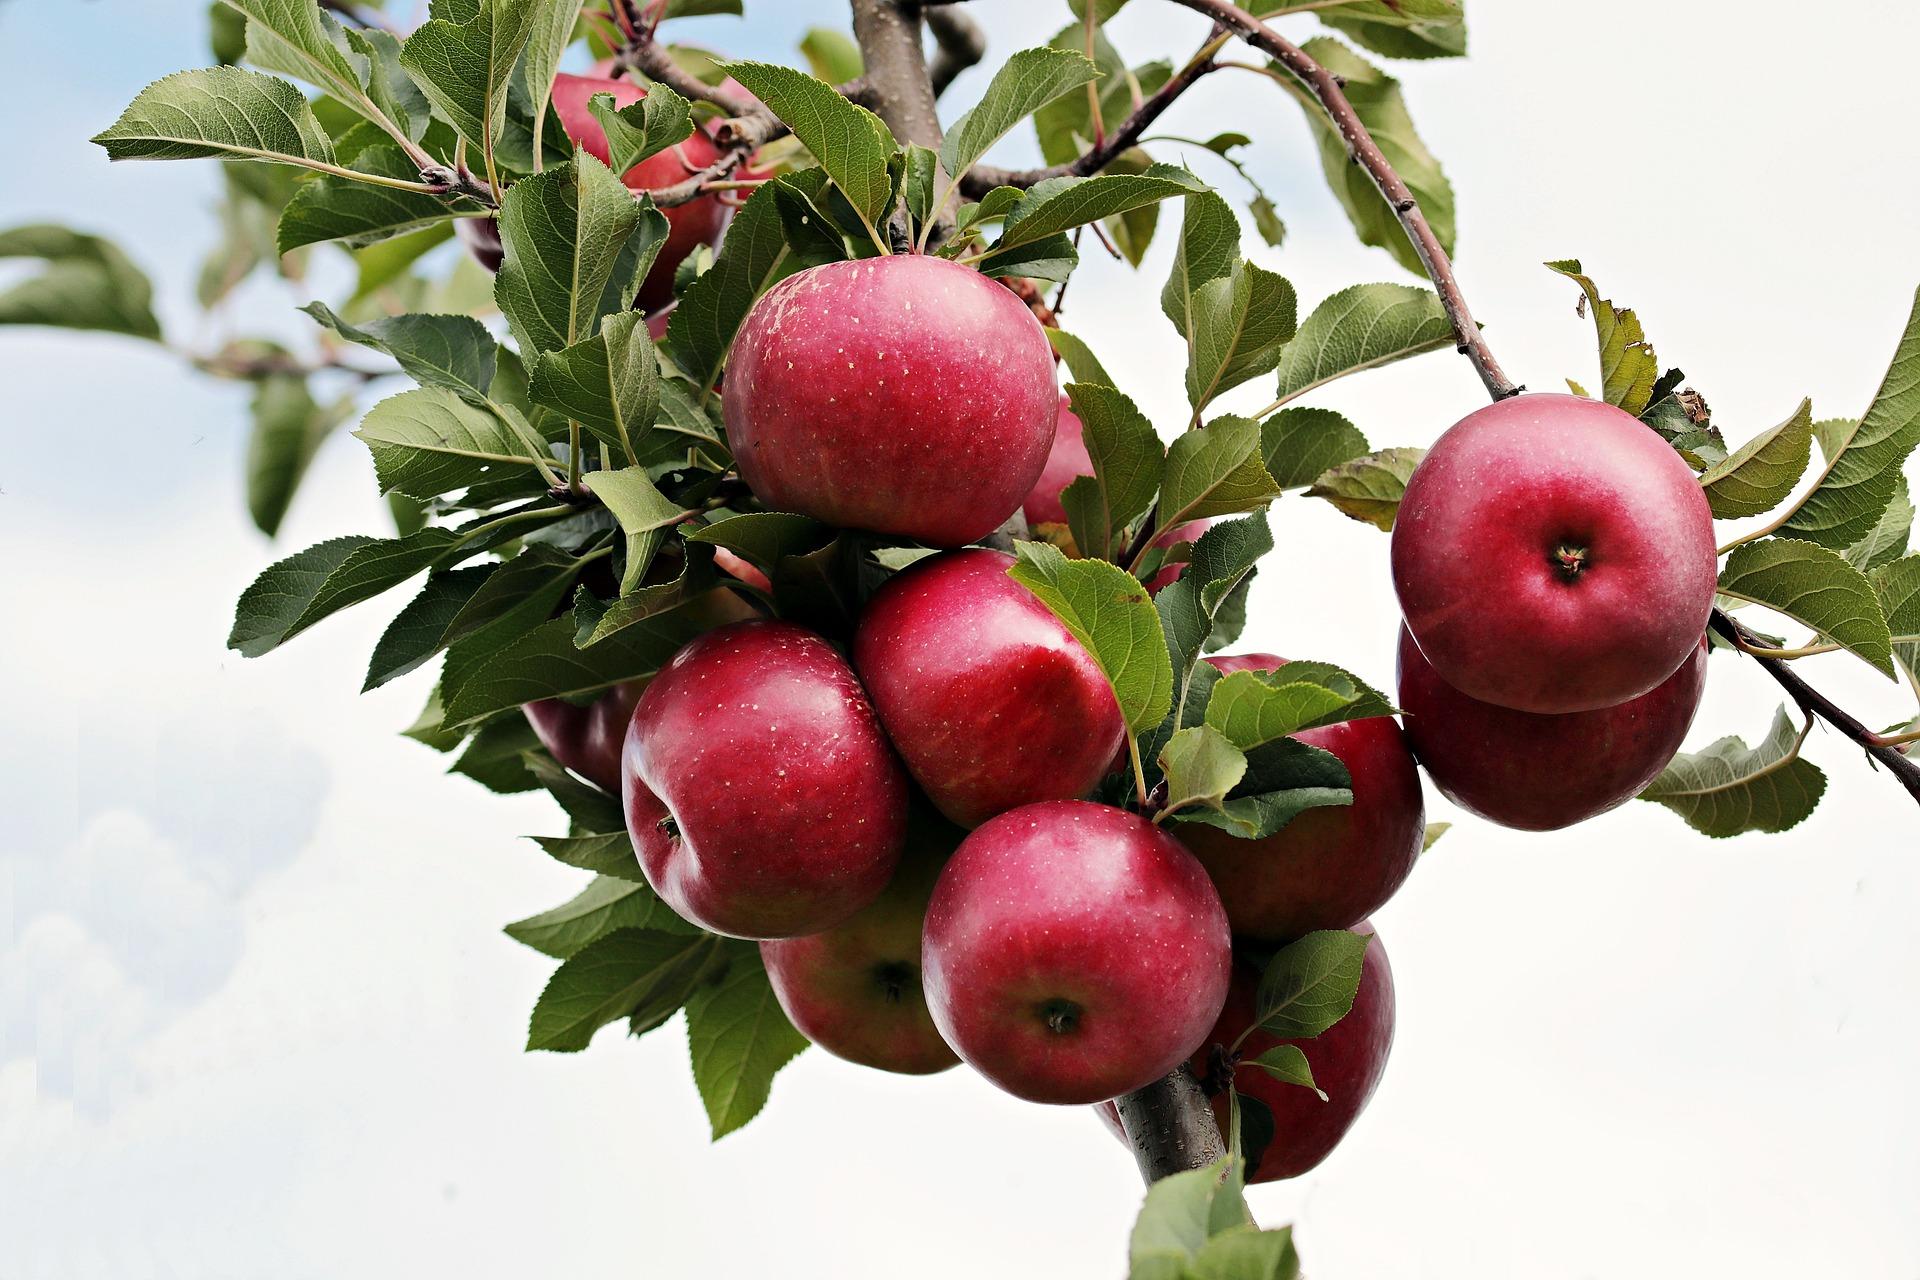 Na výrobu jablečného octu se používají čerstvá šťavnatá jablka / foto: pixabay.com